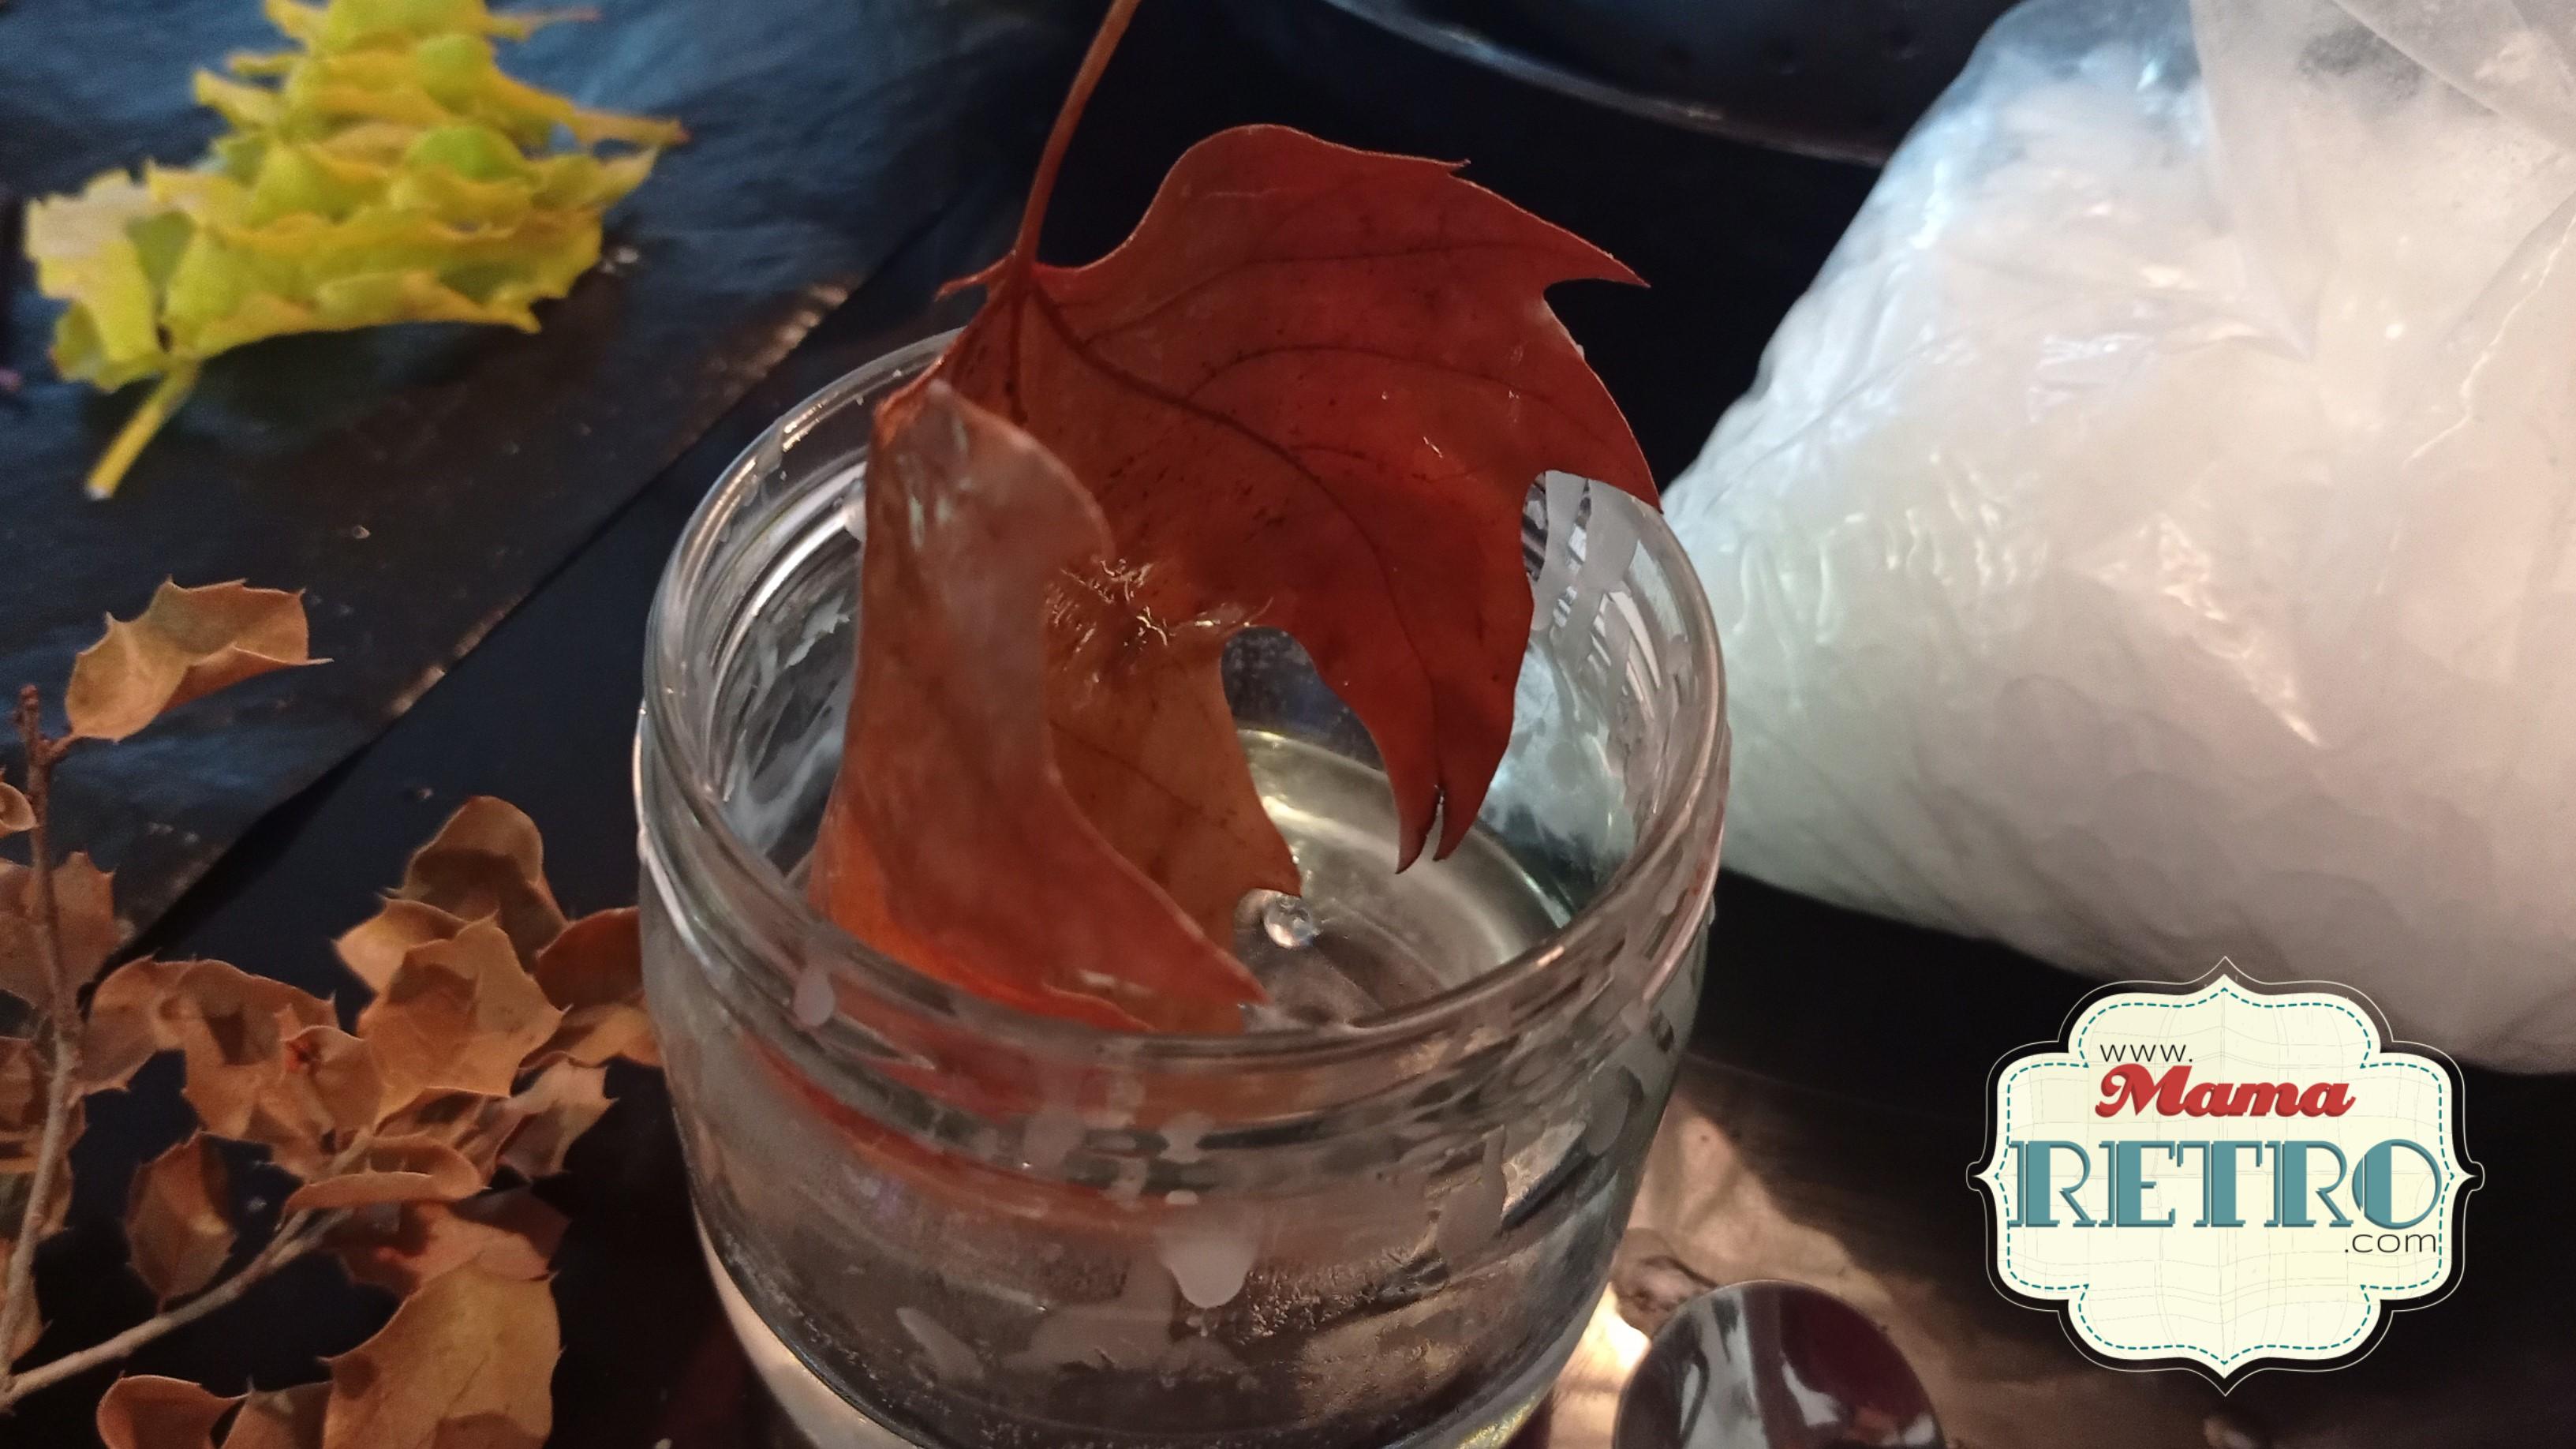 Al encerar las hojas preservamos su color y evitamos que se desmoronen